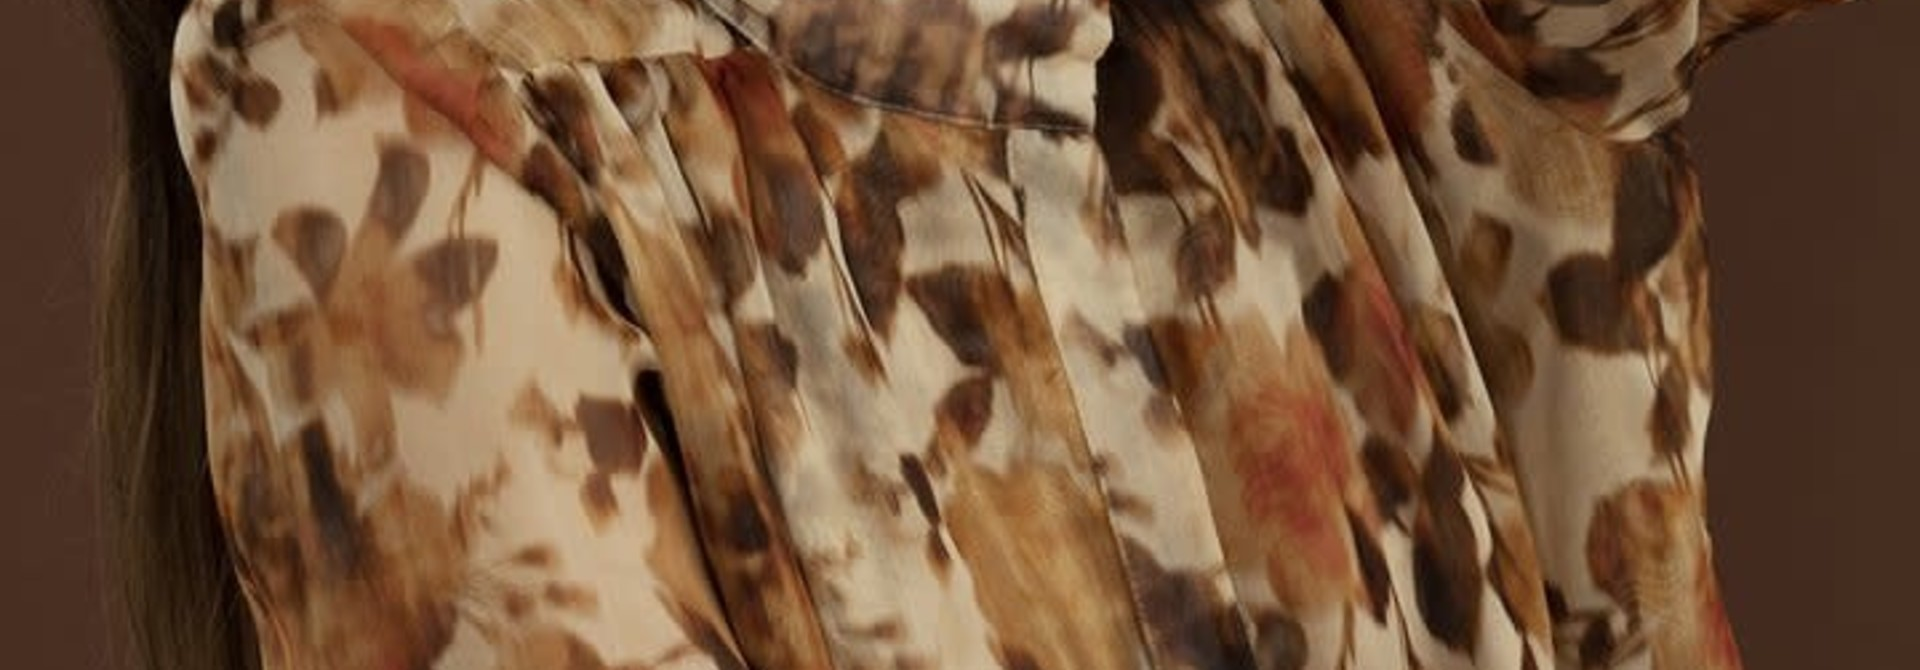 Trixie blouse Oscar the collection